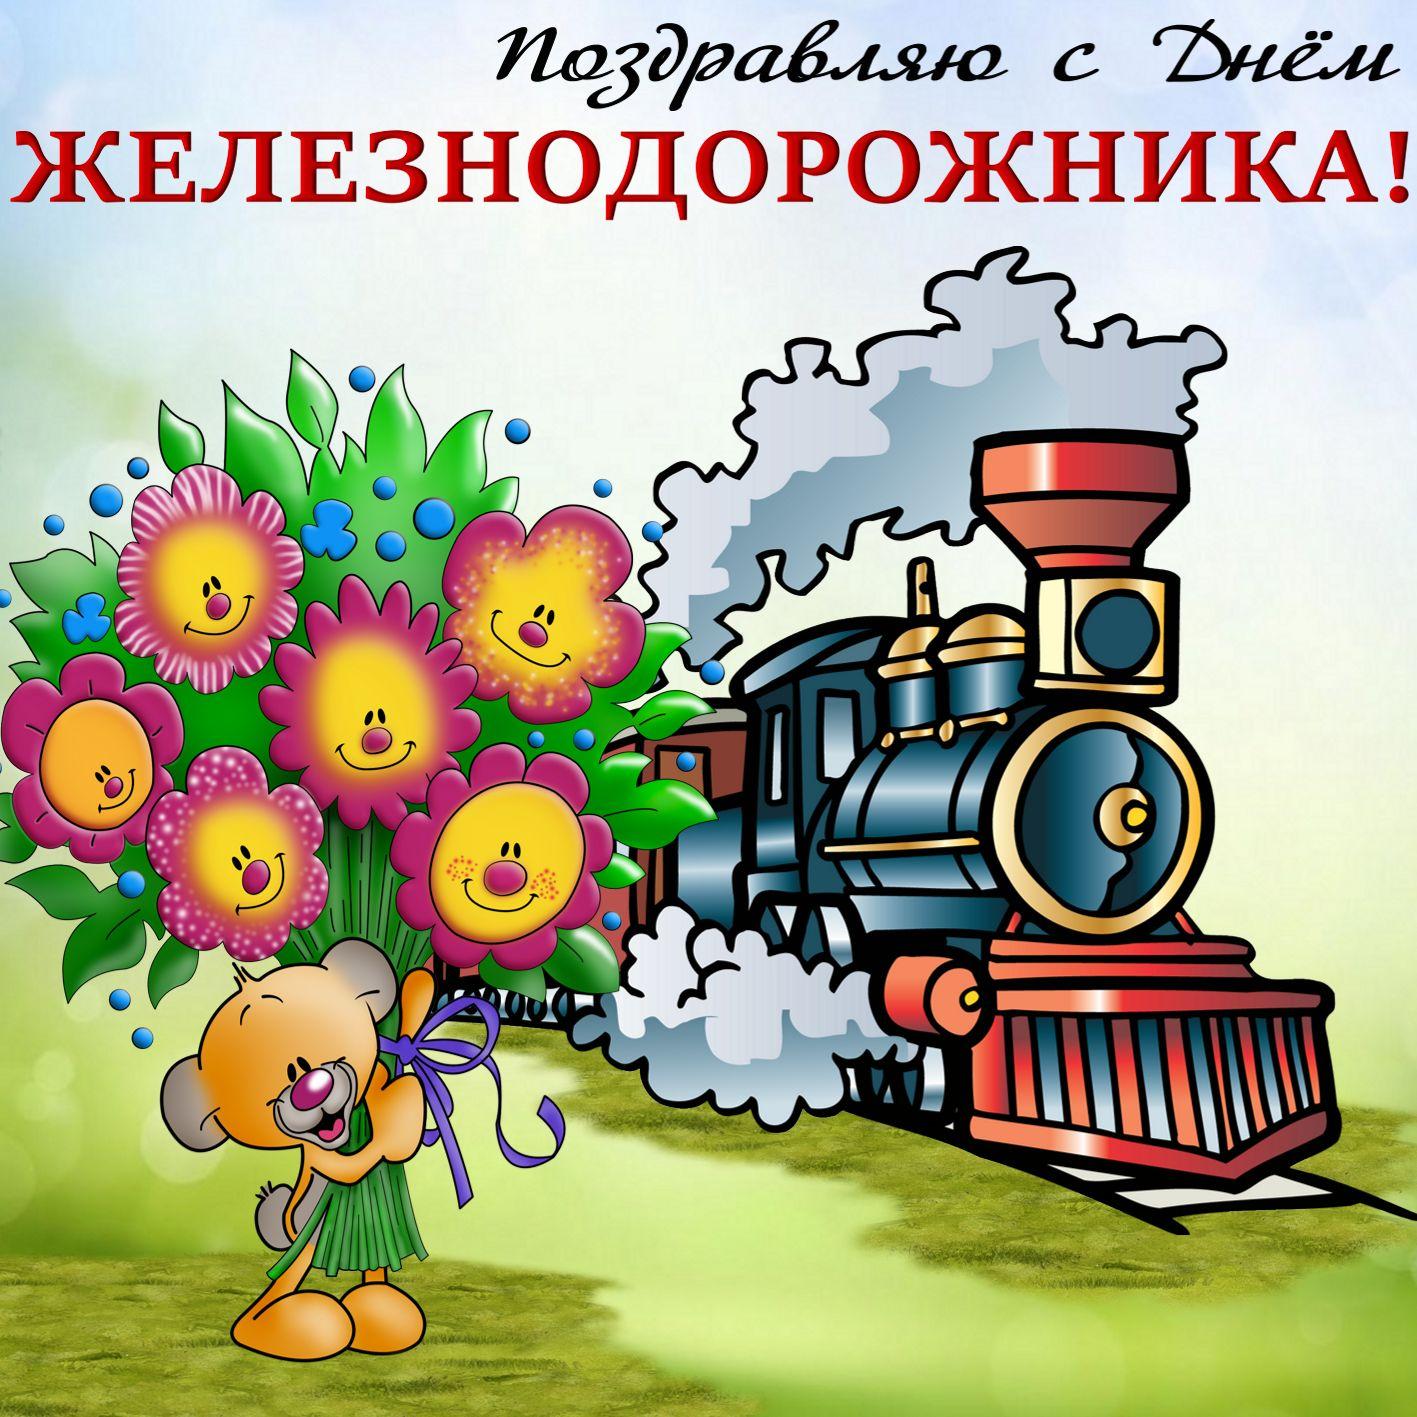 сериале картинки ко дню железнодорожника украины понятно, казан сейчас